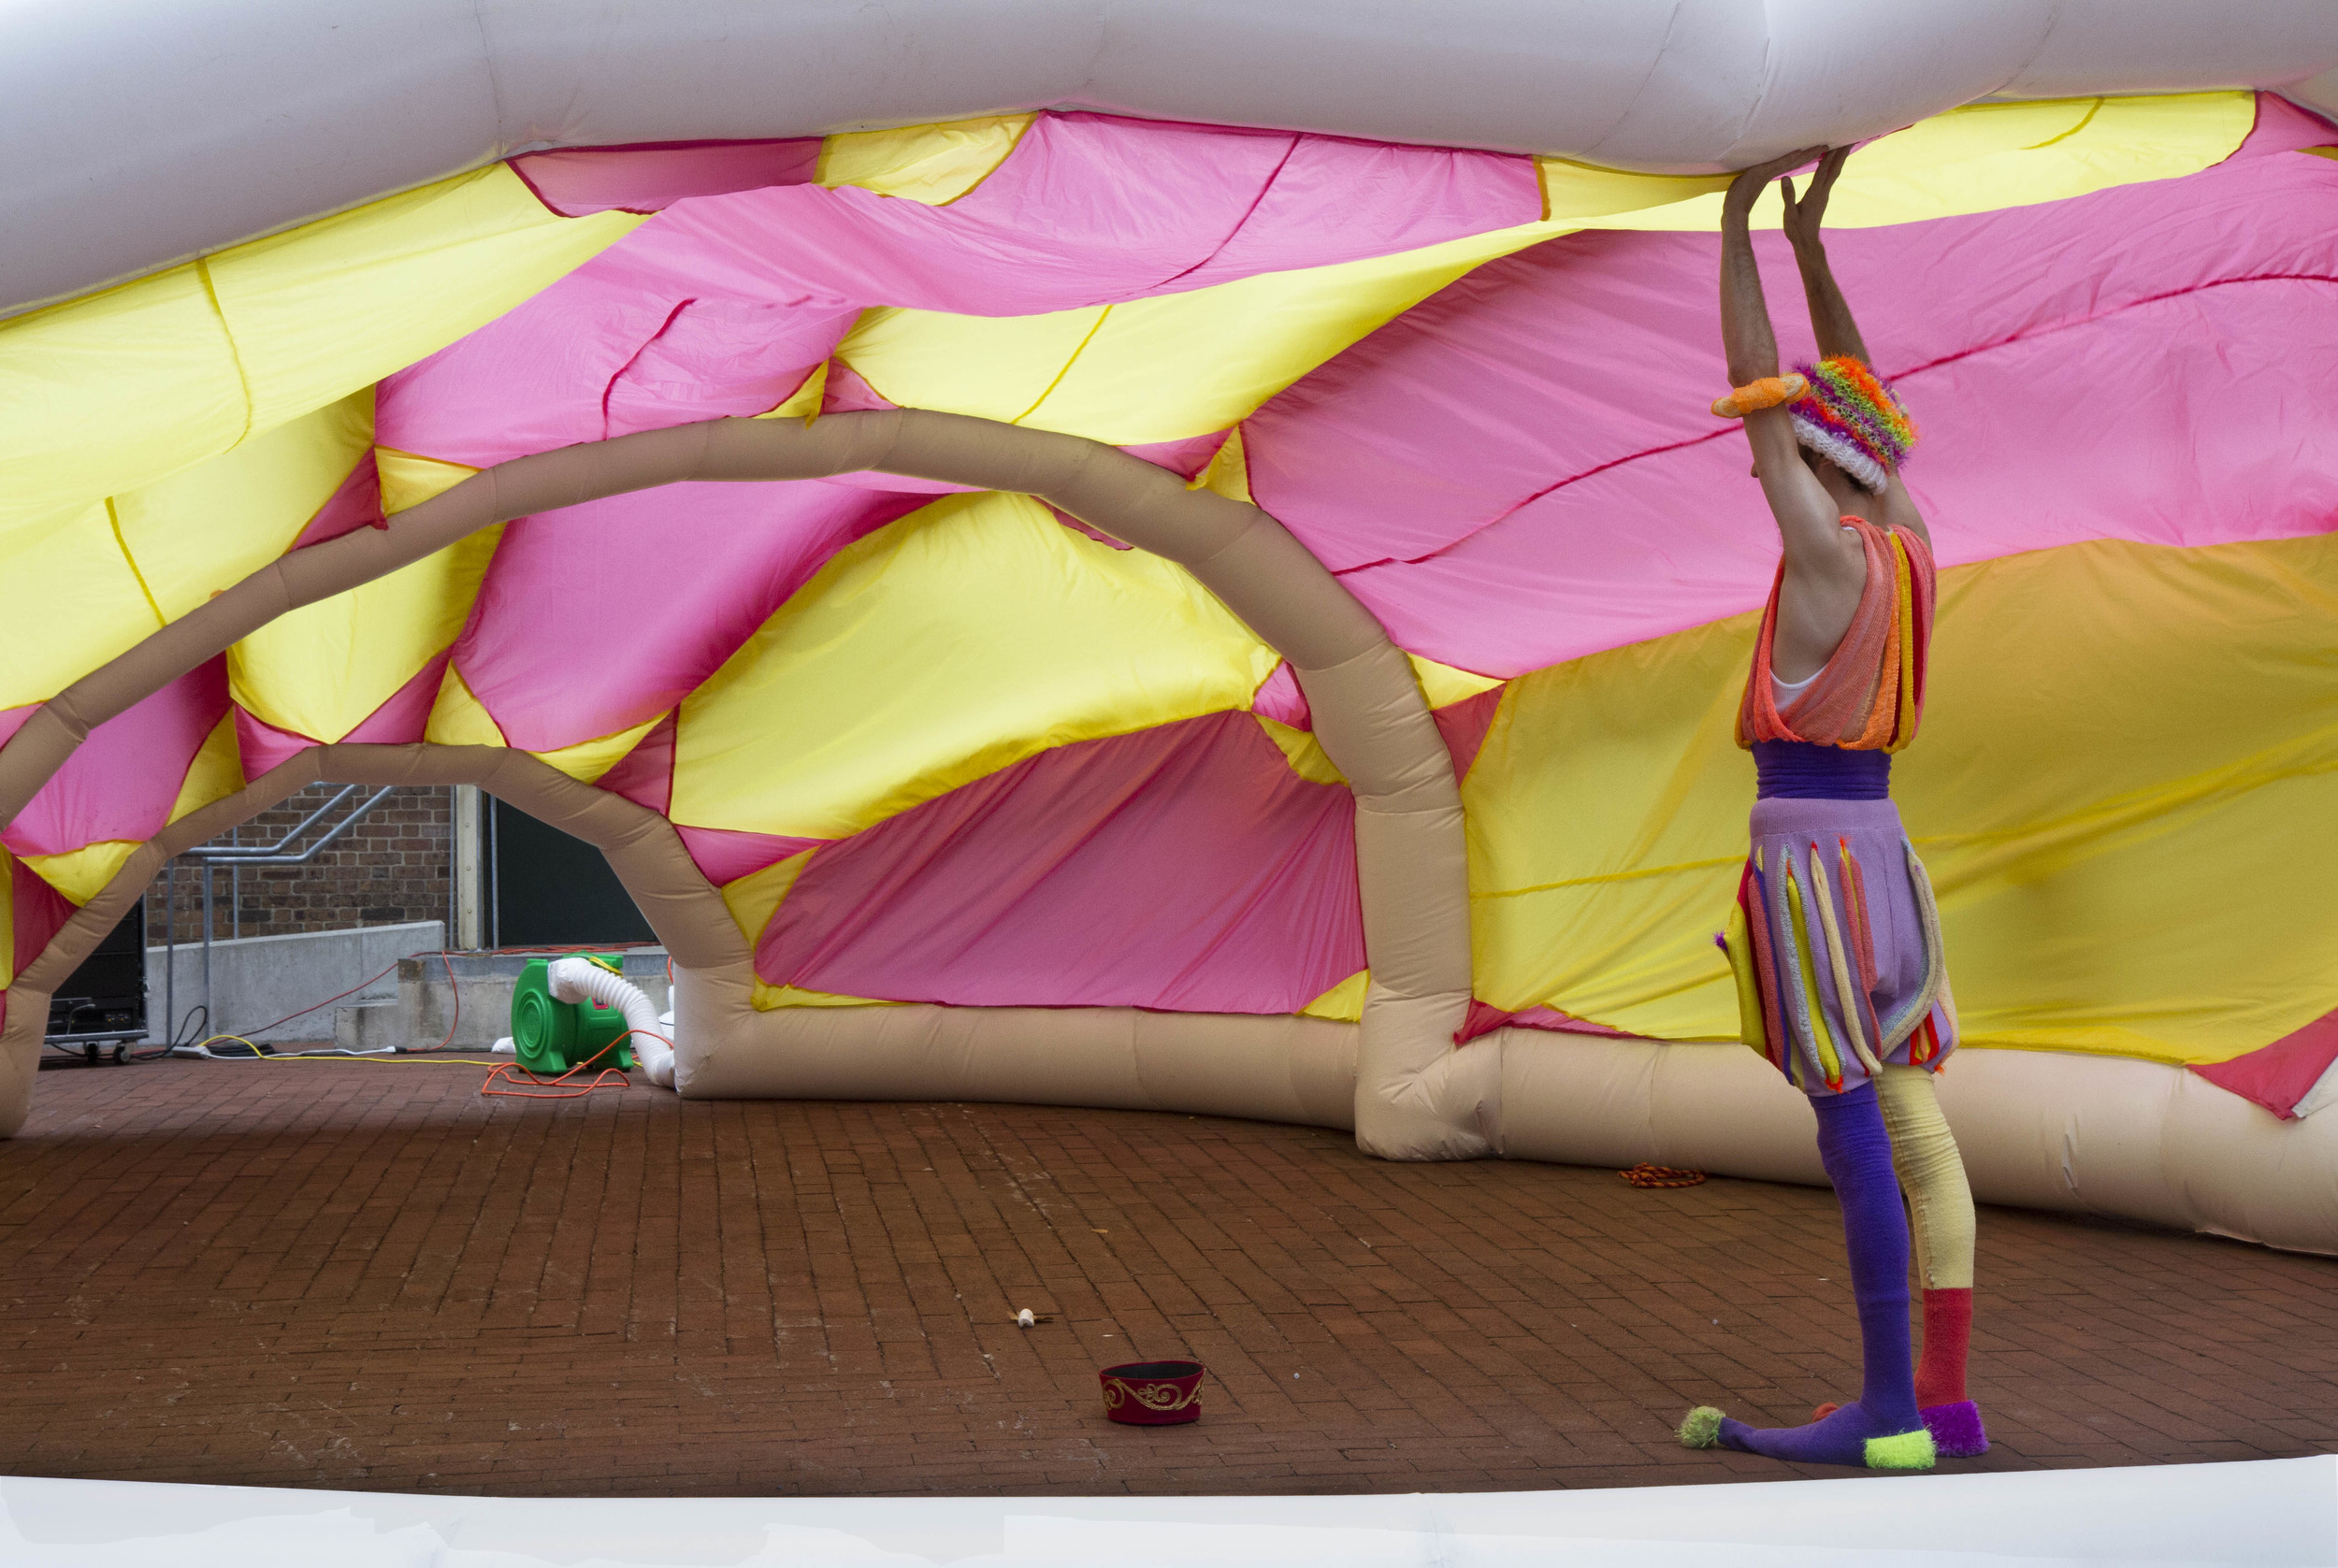 Pneuhaus Circus